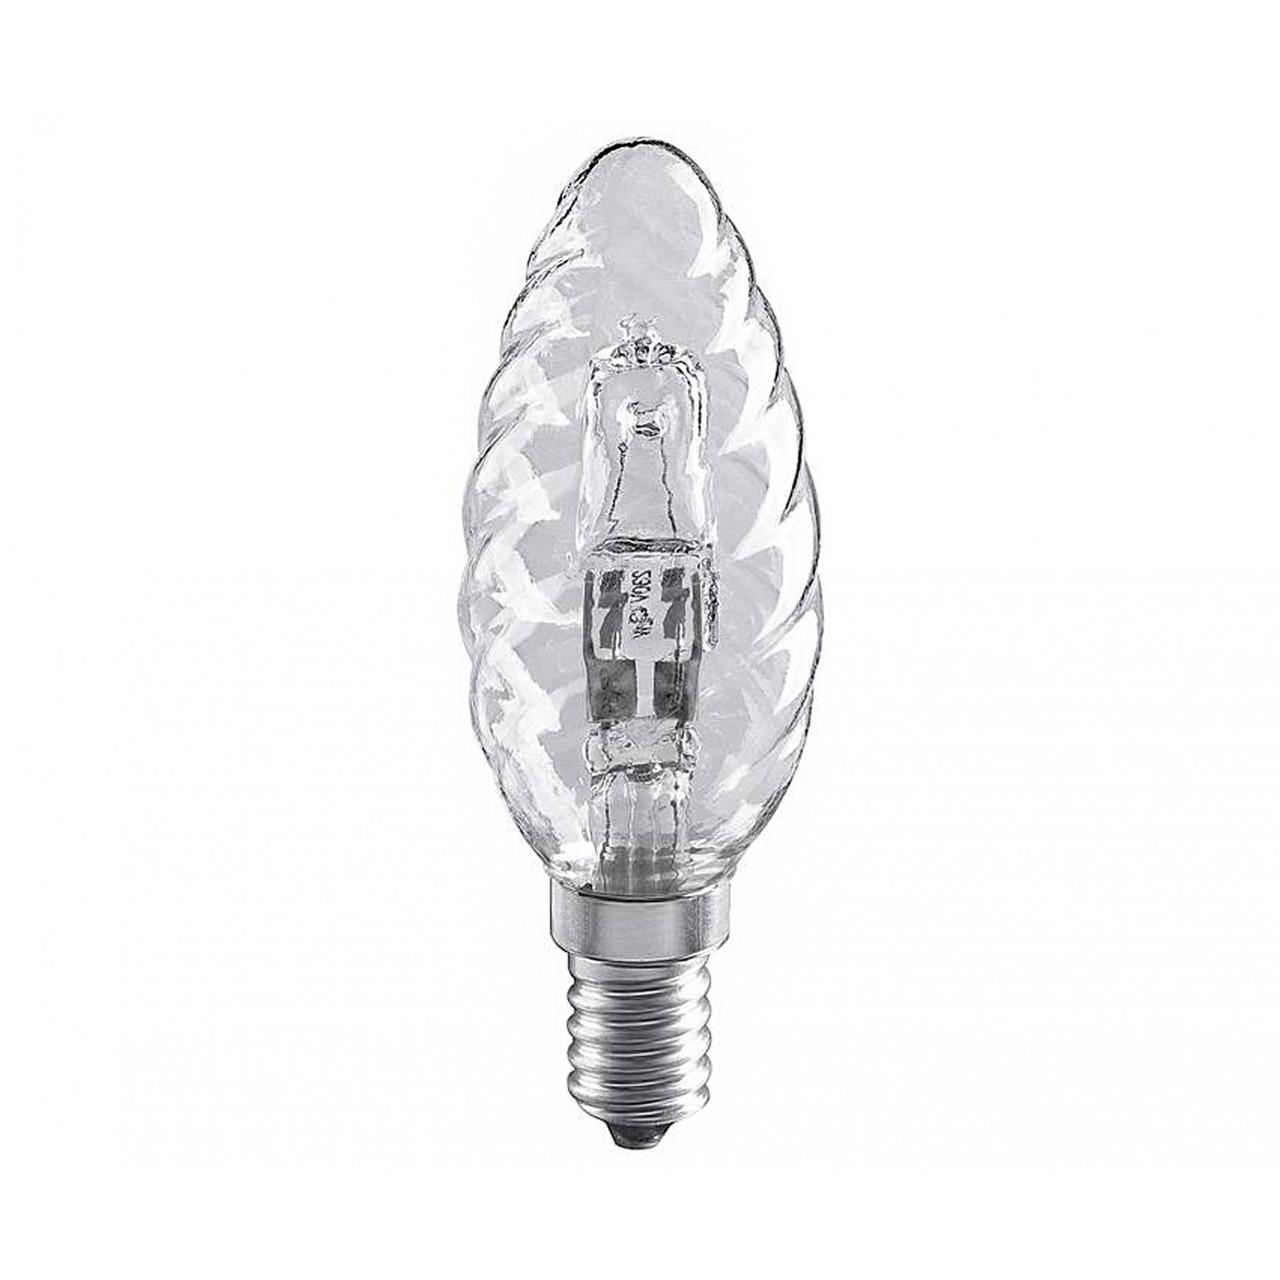 Лампочка Свеча витая 28W E14